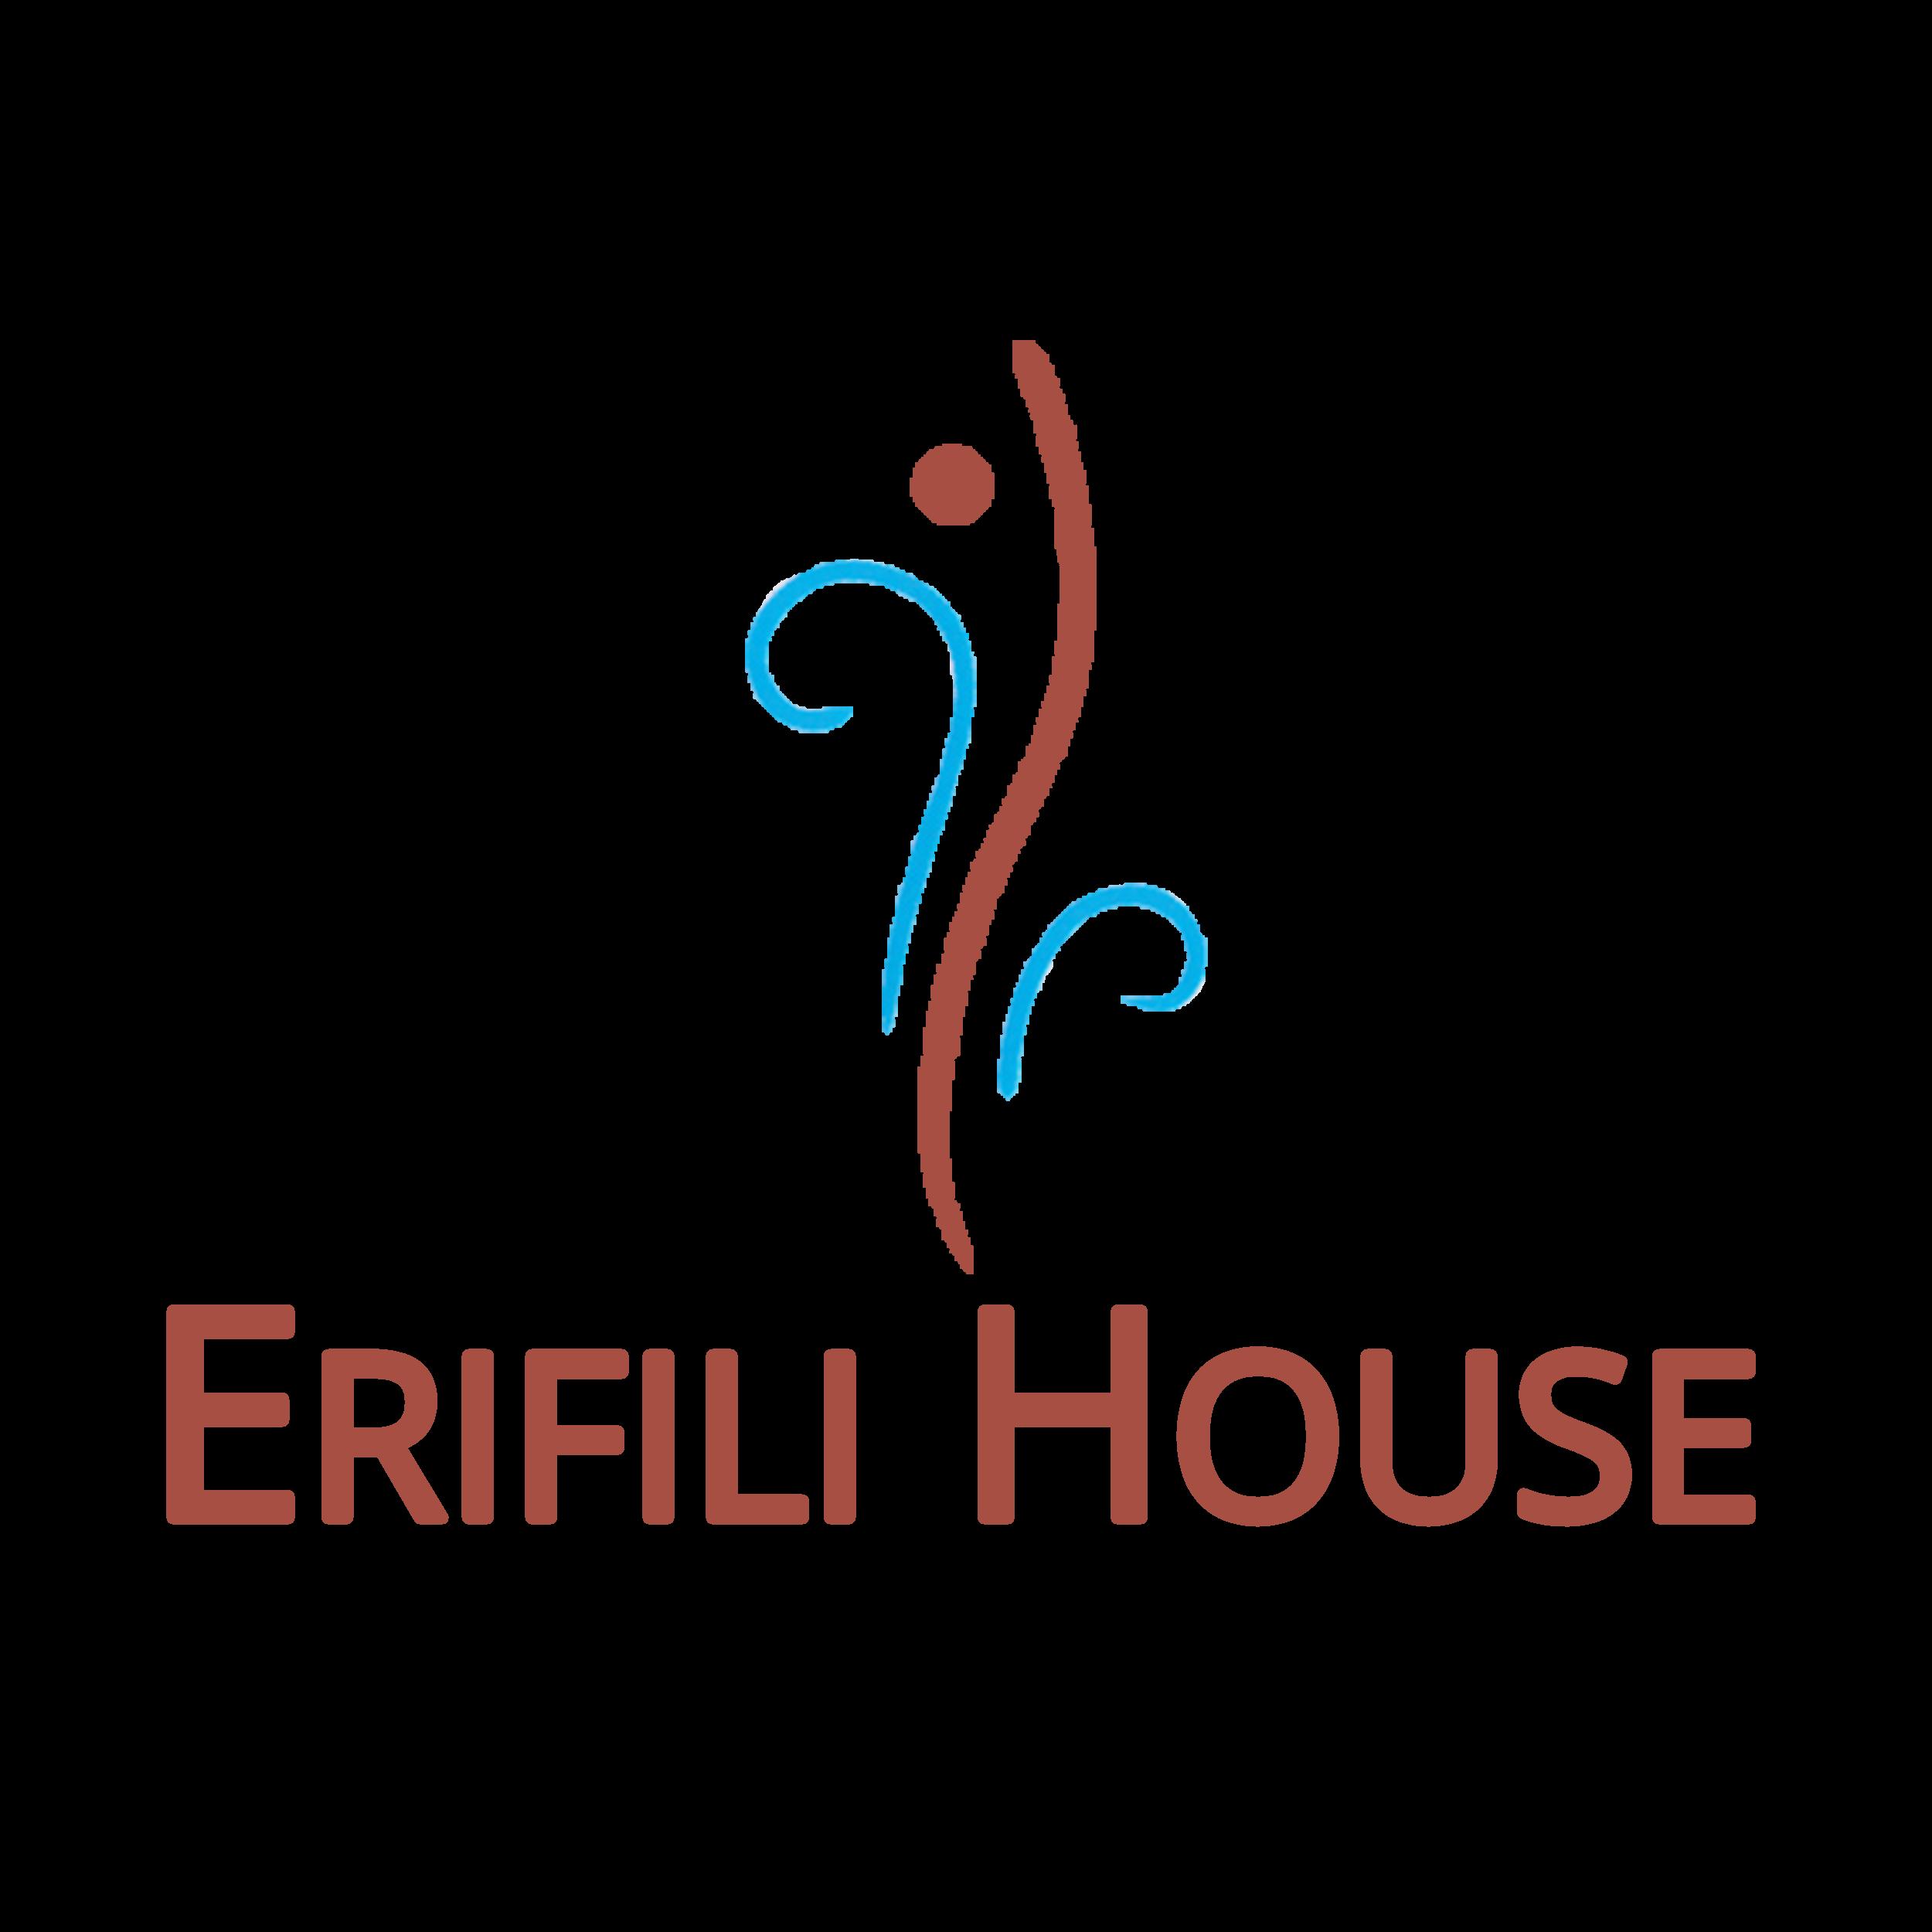 Erifili